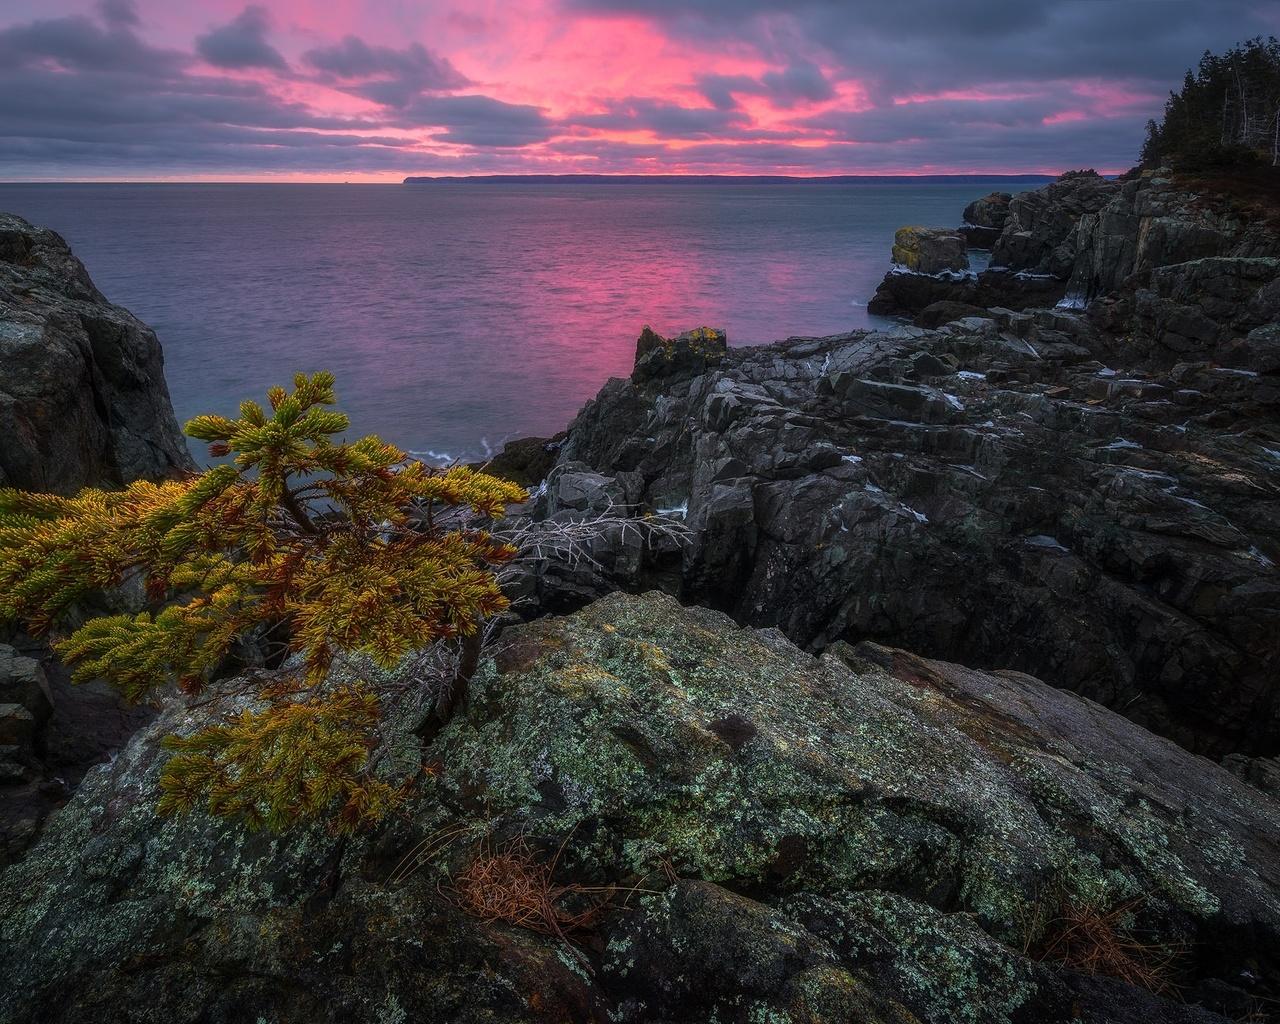 пейзаж, закат, природа, дерево, океан, скалы, сша, новая англия